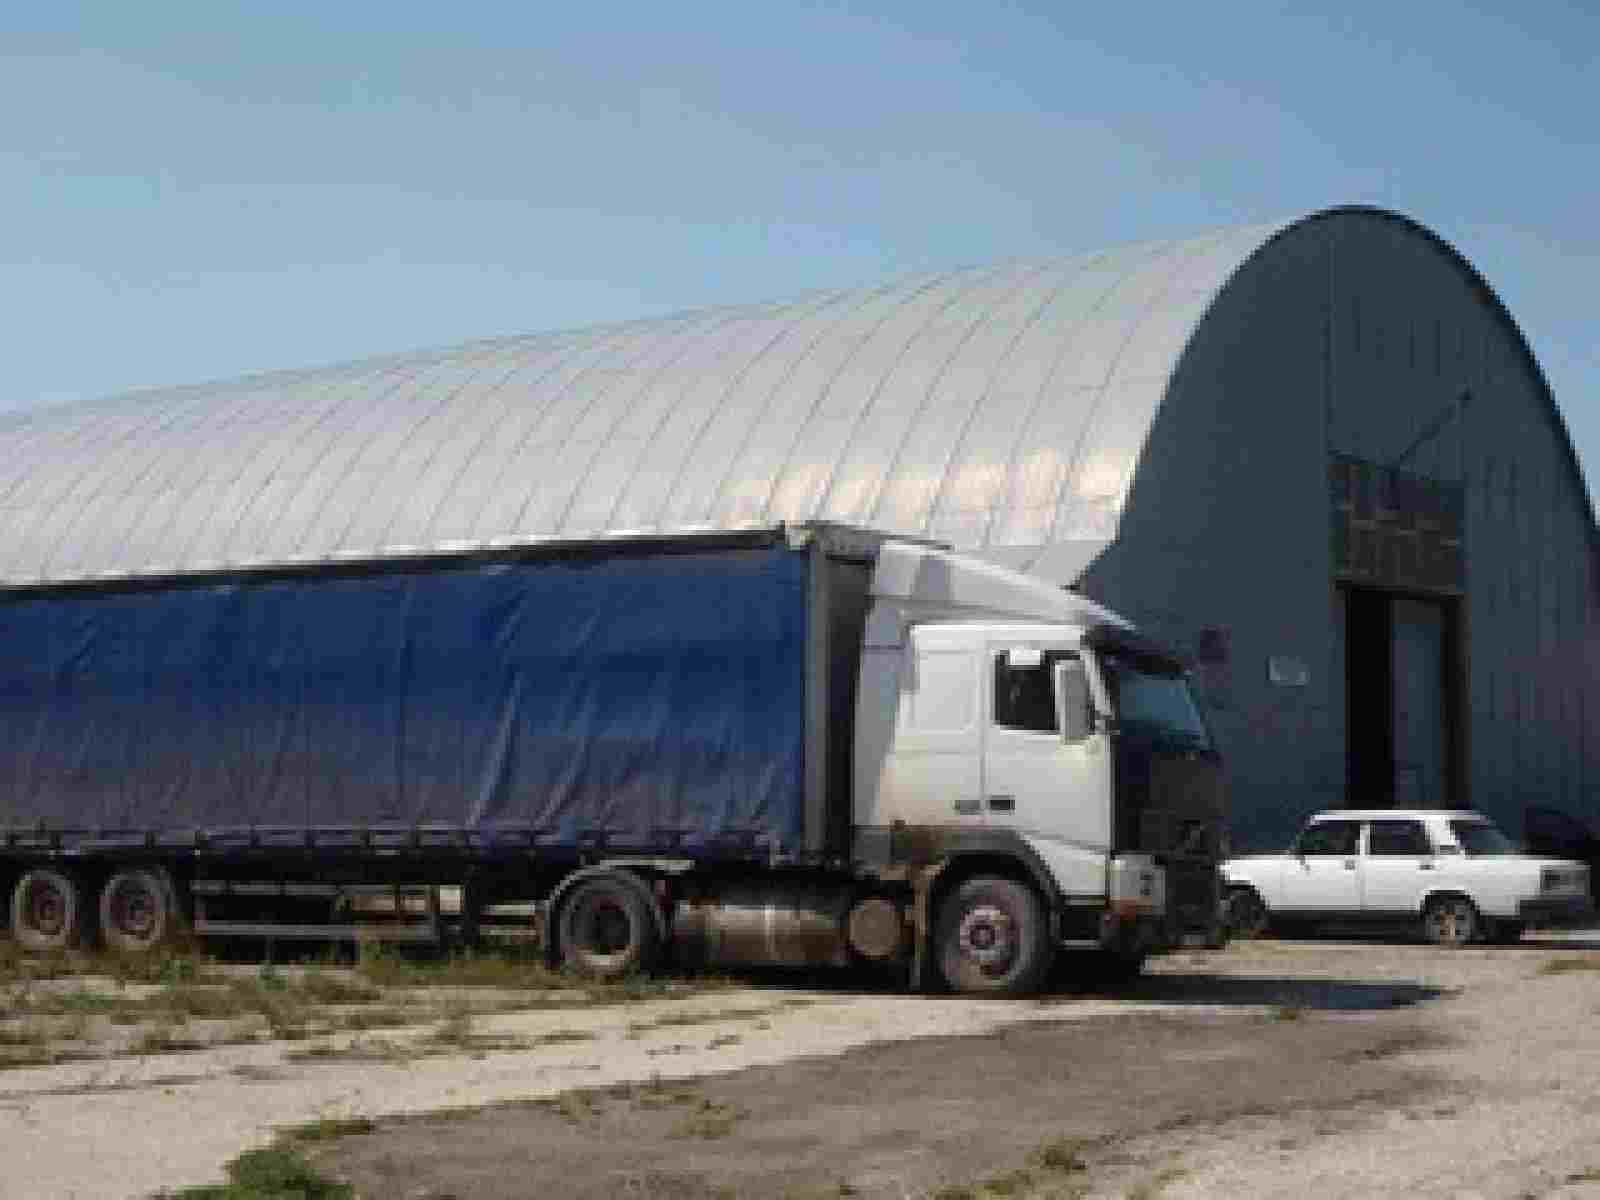 Продаю (сдаю в аренду) здание, помещение (ангар, арочник) под склад, производство.. Фото